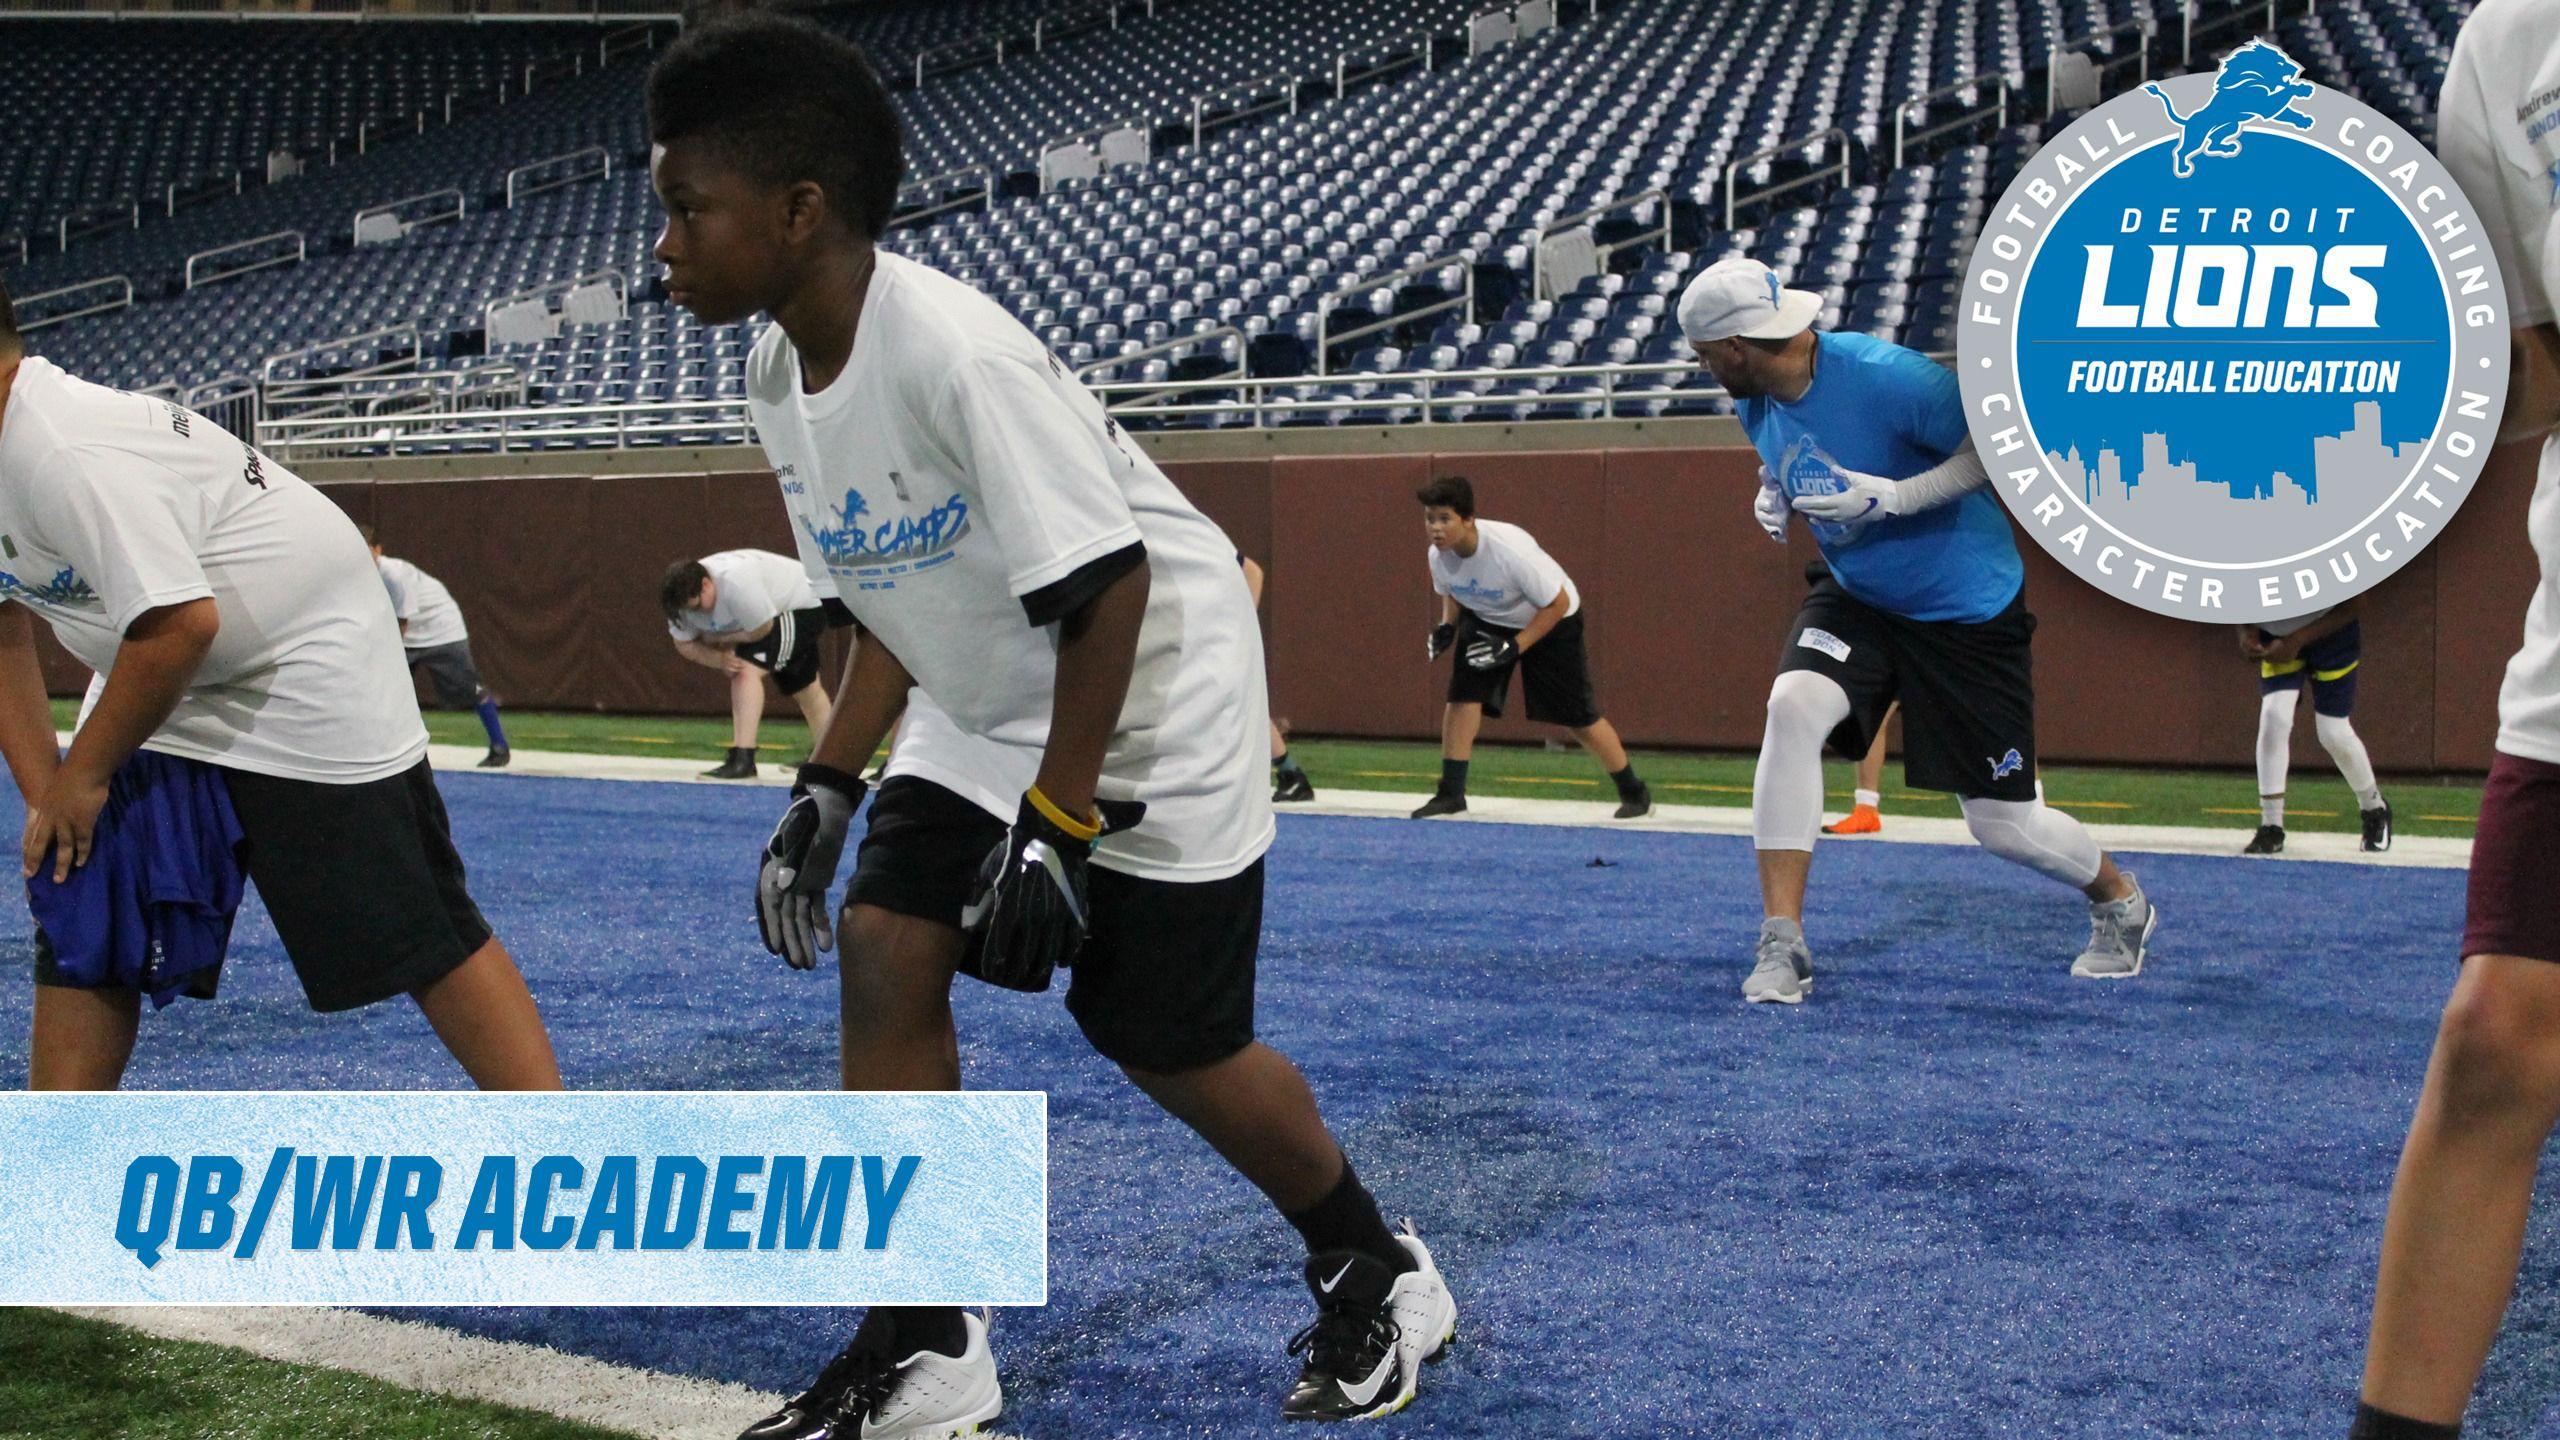 qb-wr-academy